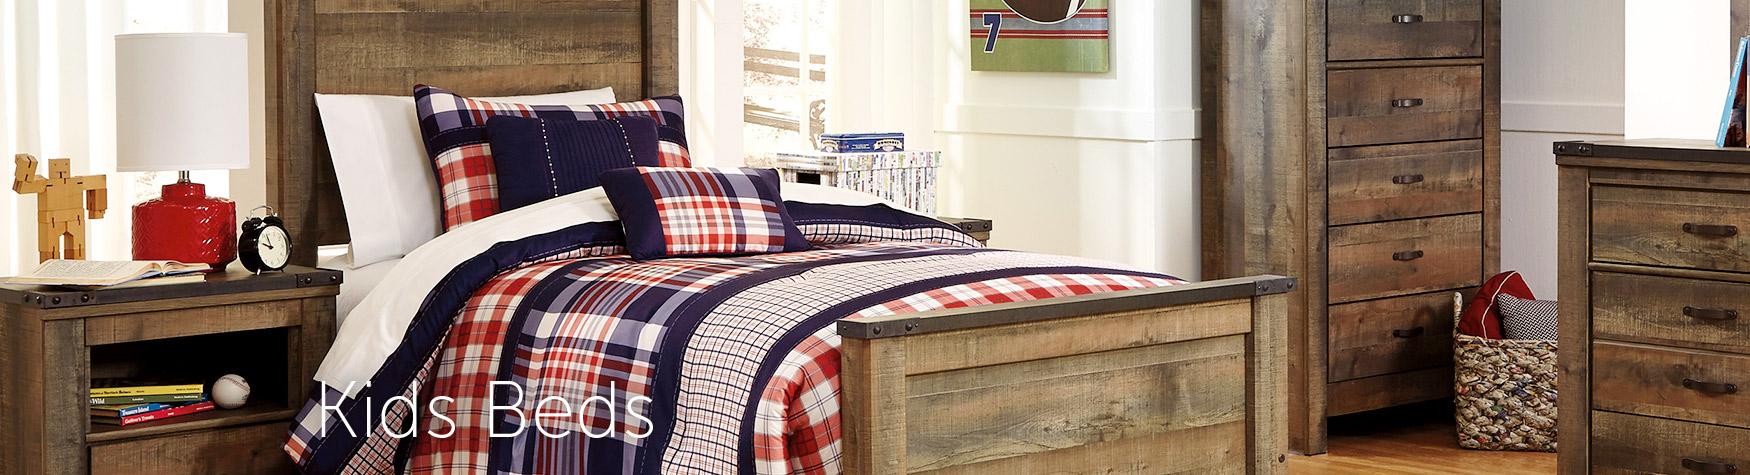 kids-beds-banner.jpg